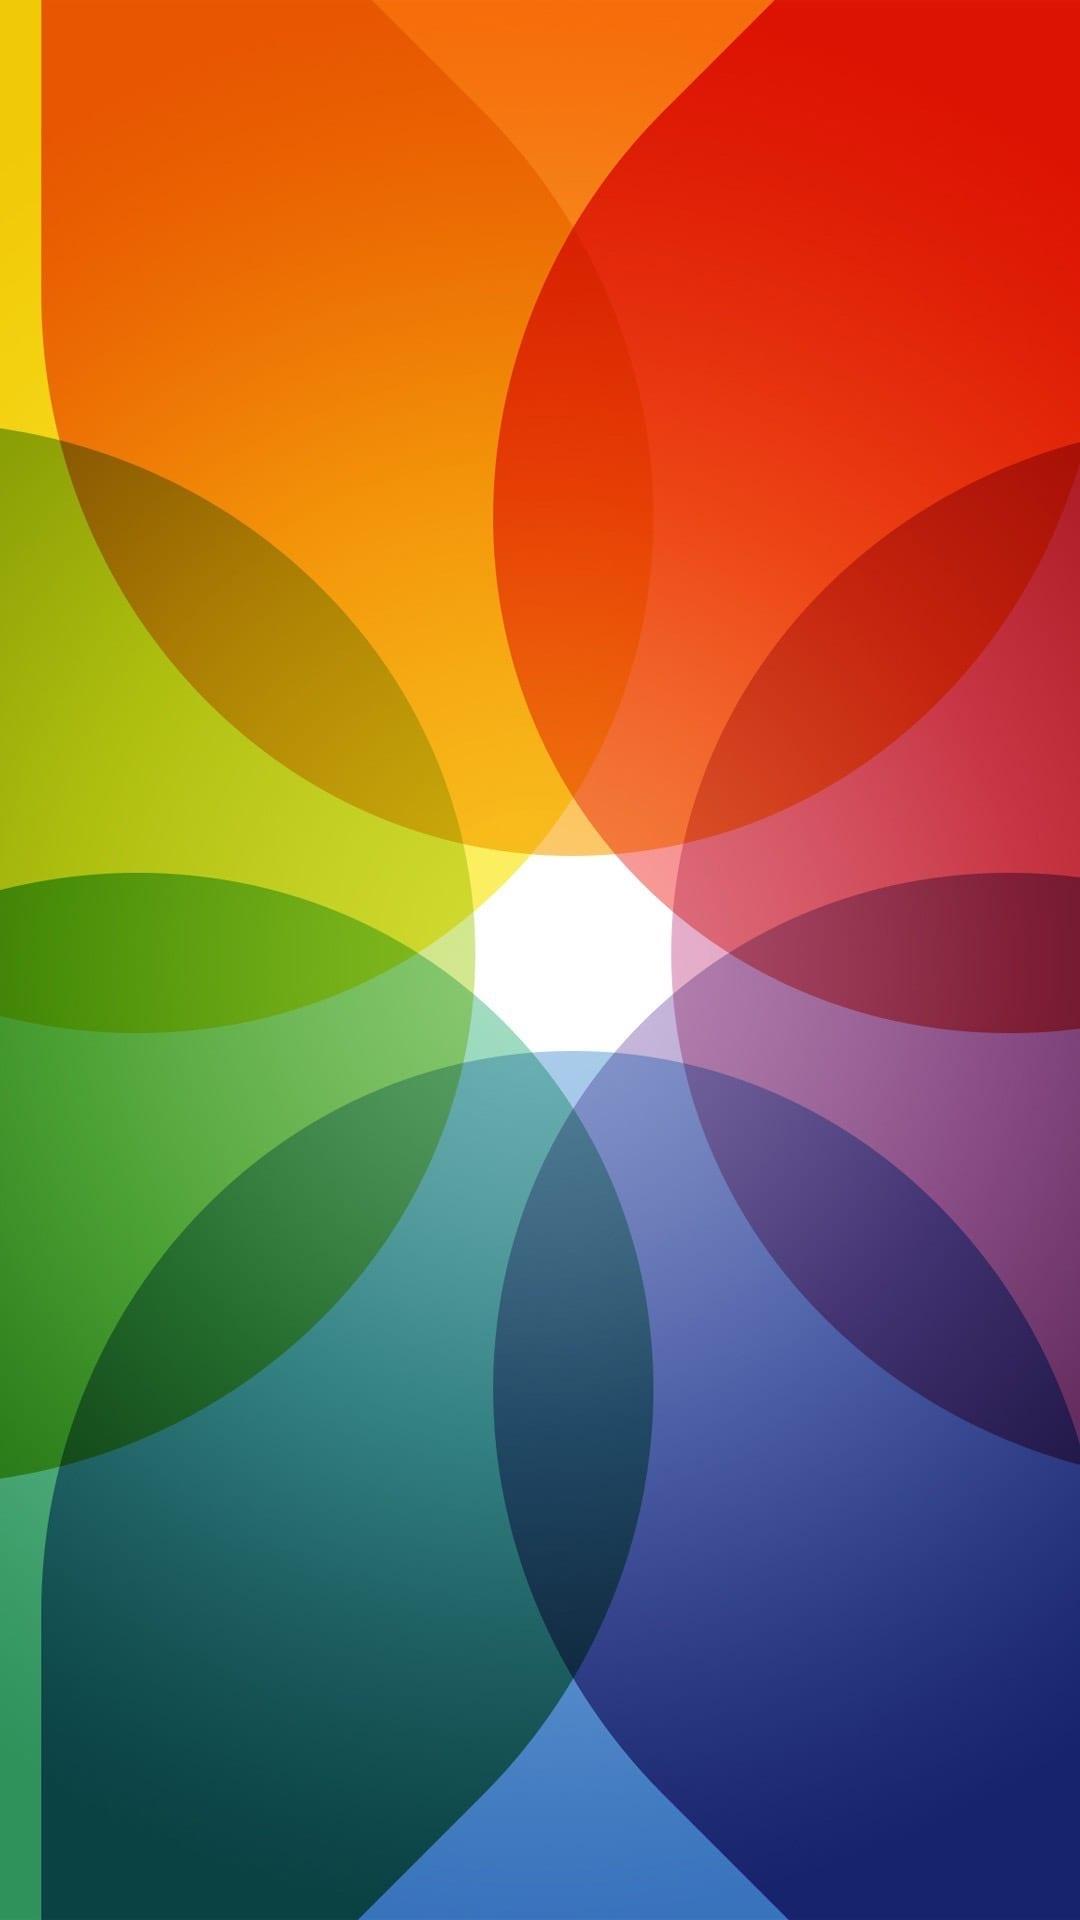 Los mejores fondos de pantalla de colores para tu android for Fondos de pantalla full hd colores